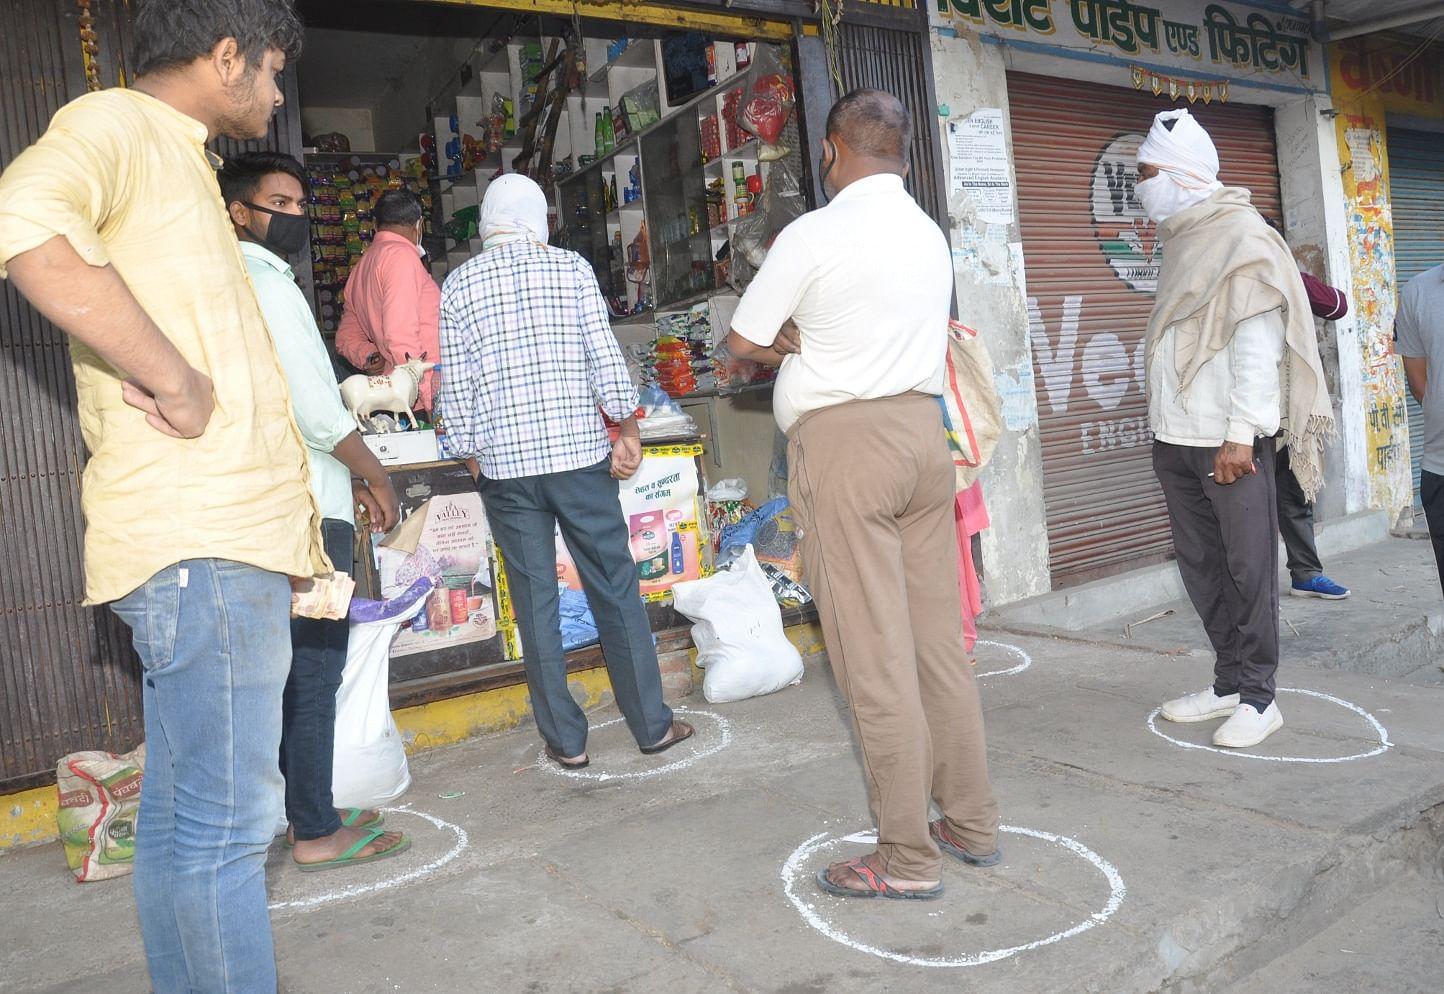 शामली  में लॉकडाउन से  परचून की दुकान में फासला लेकर खडे ग्राहक